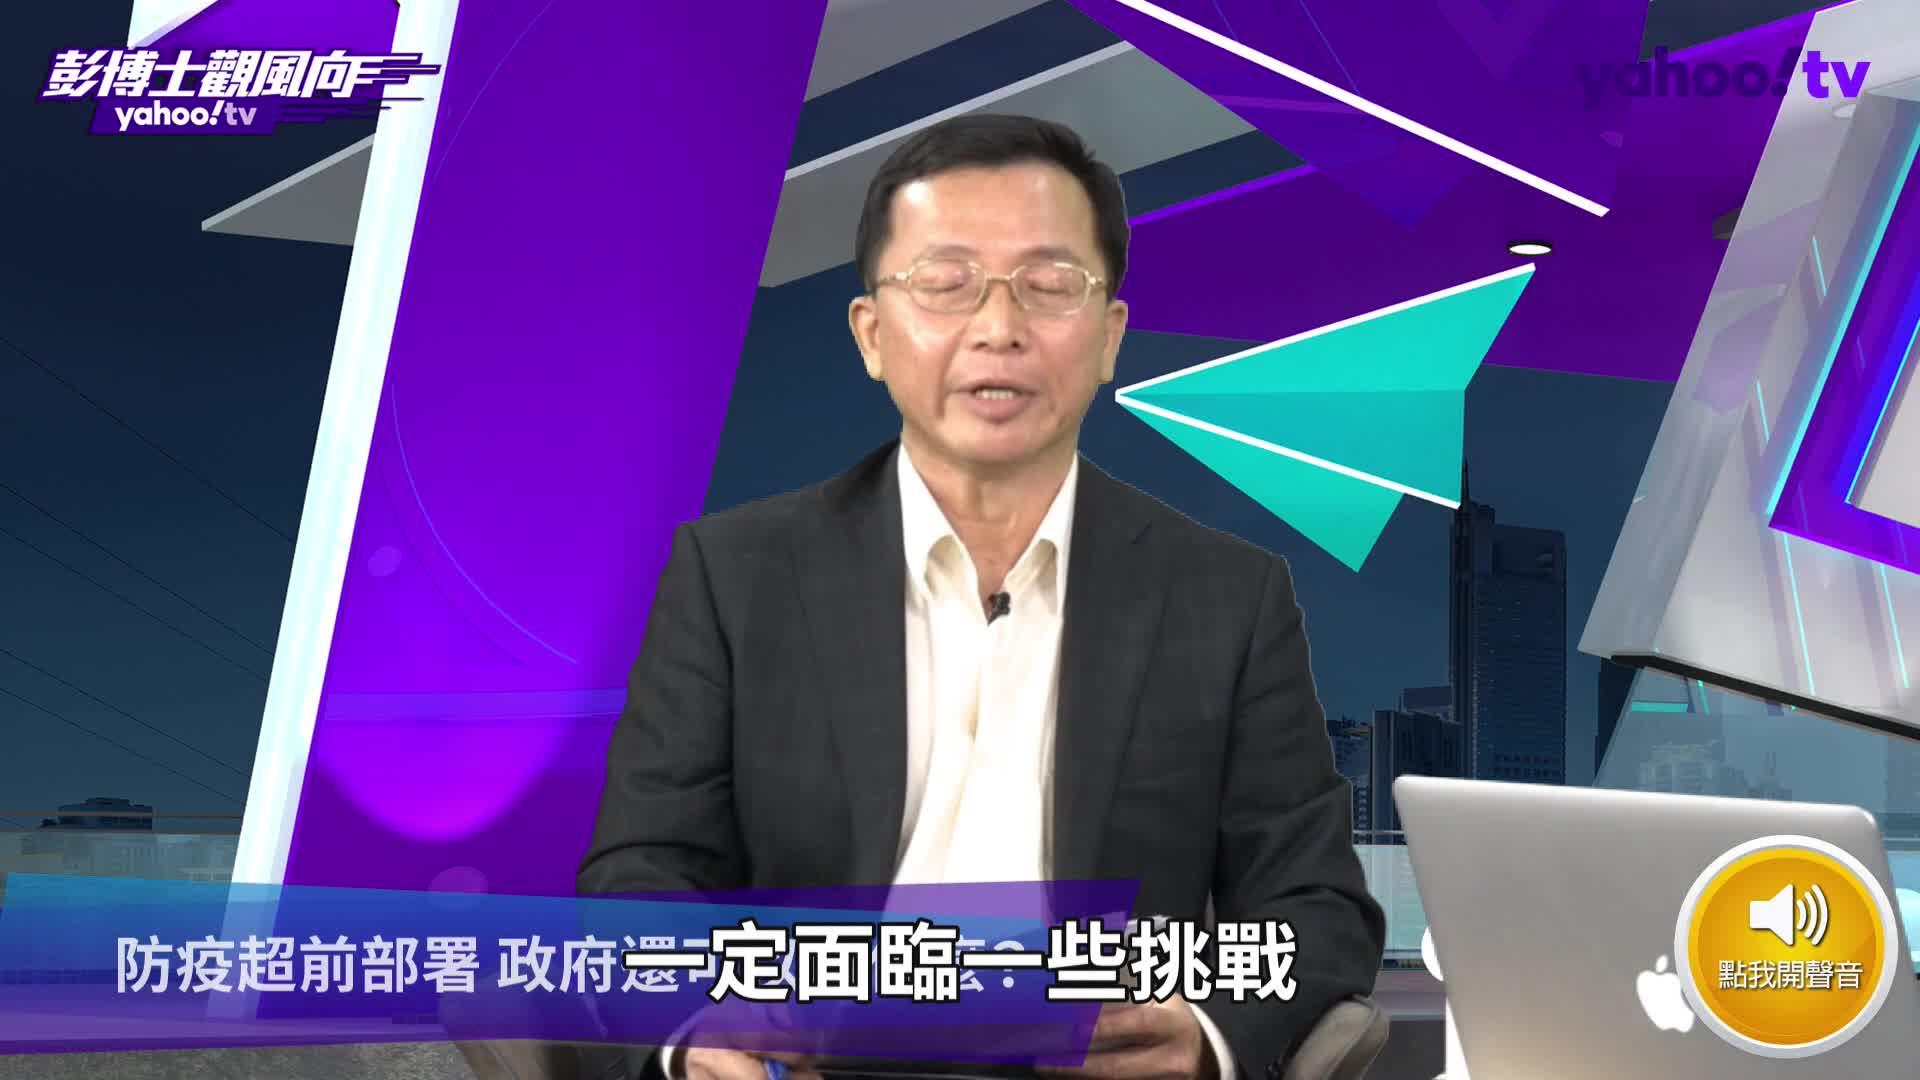 台灣應比照世界各國 應提前部署綠色紓困及5G